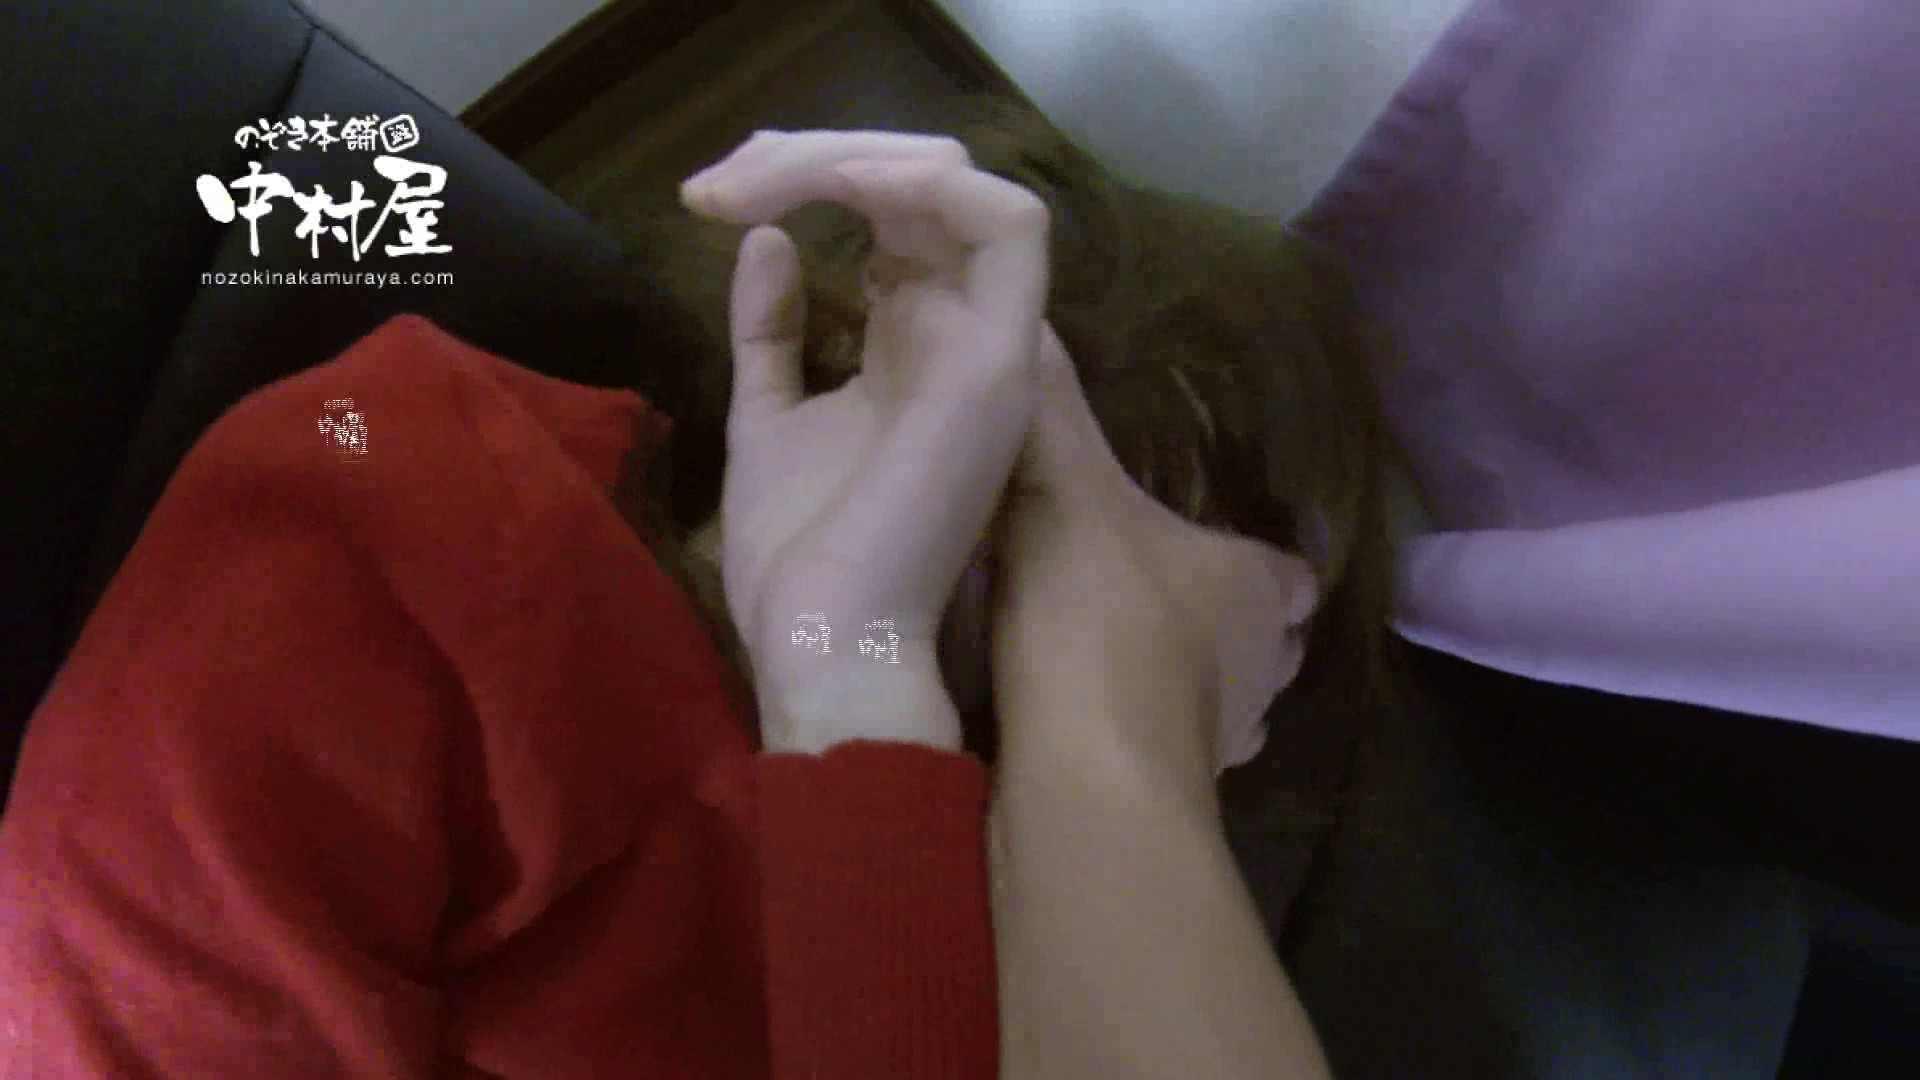 鬼畜 vol.13 もうなすがママ→結果クリームパイ 前編 OLエロ画像  110PICs 42